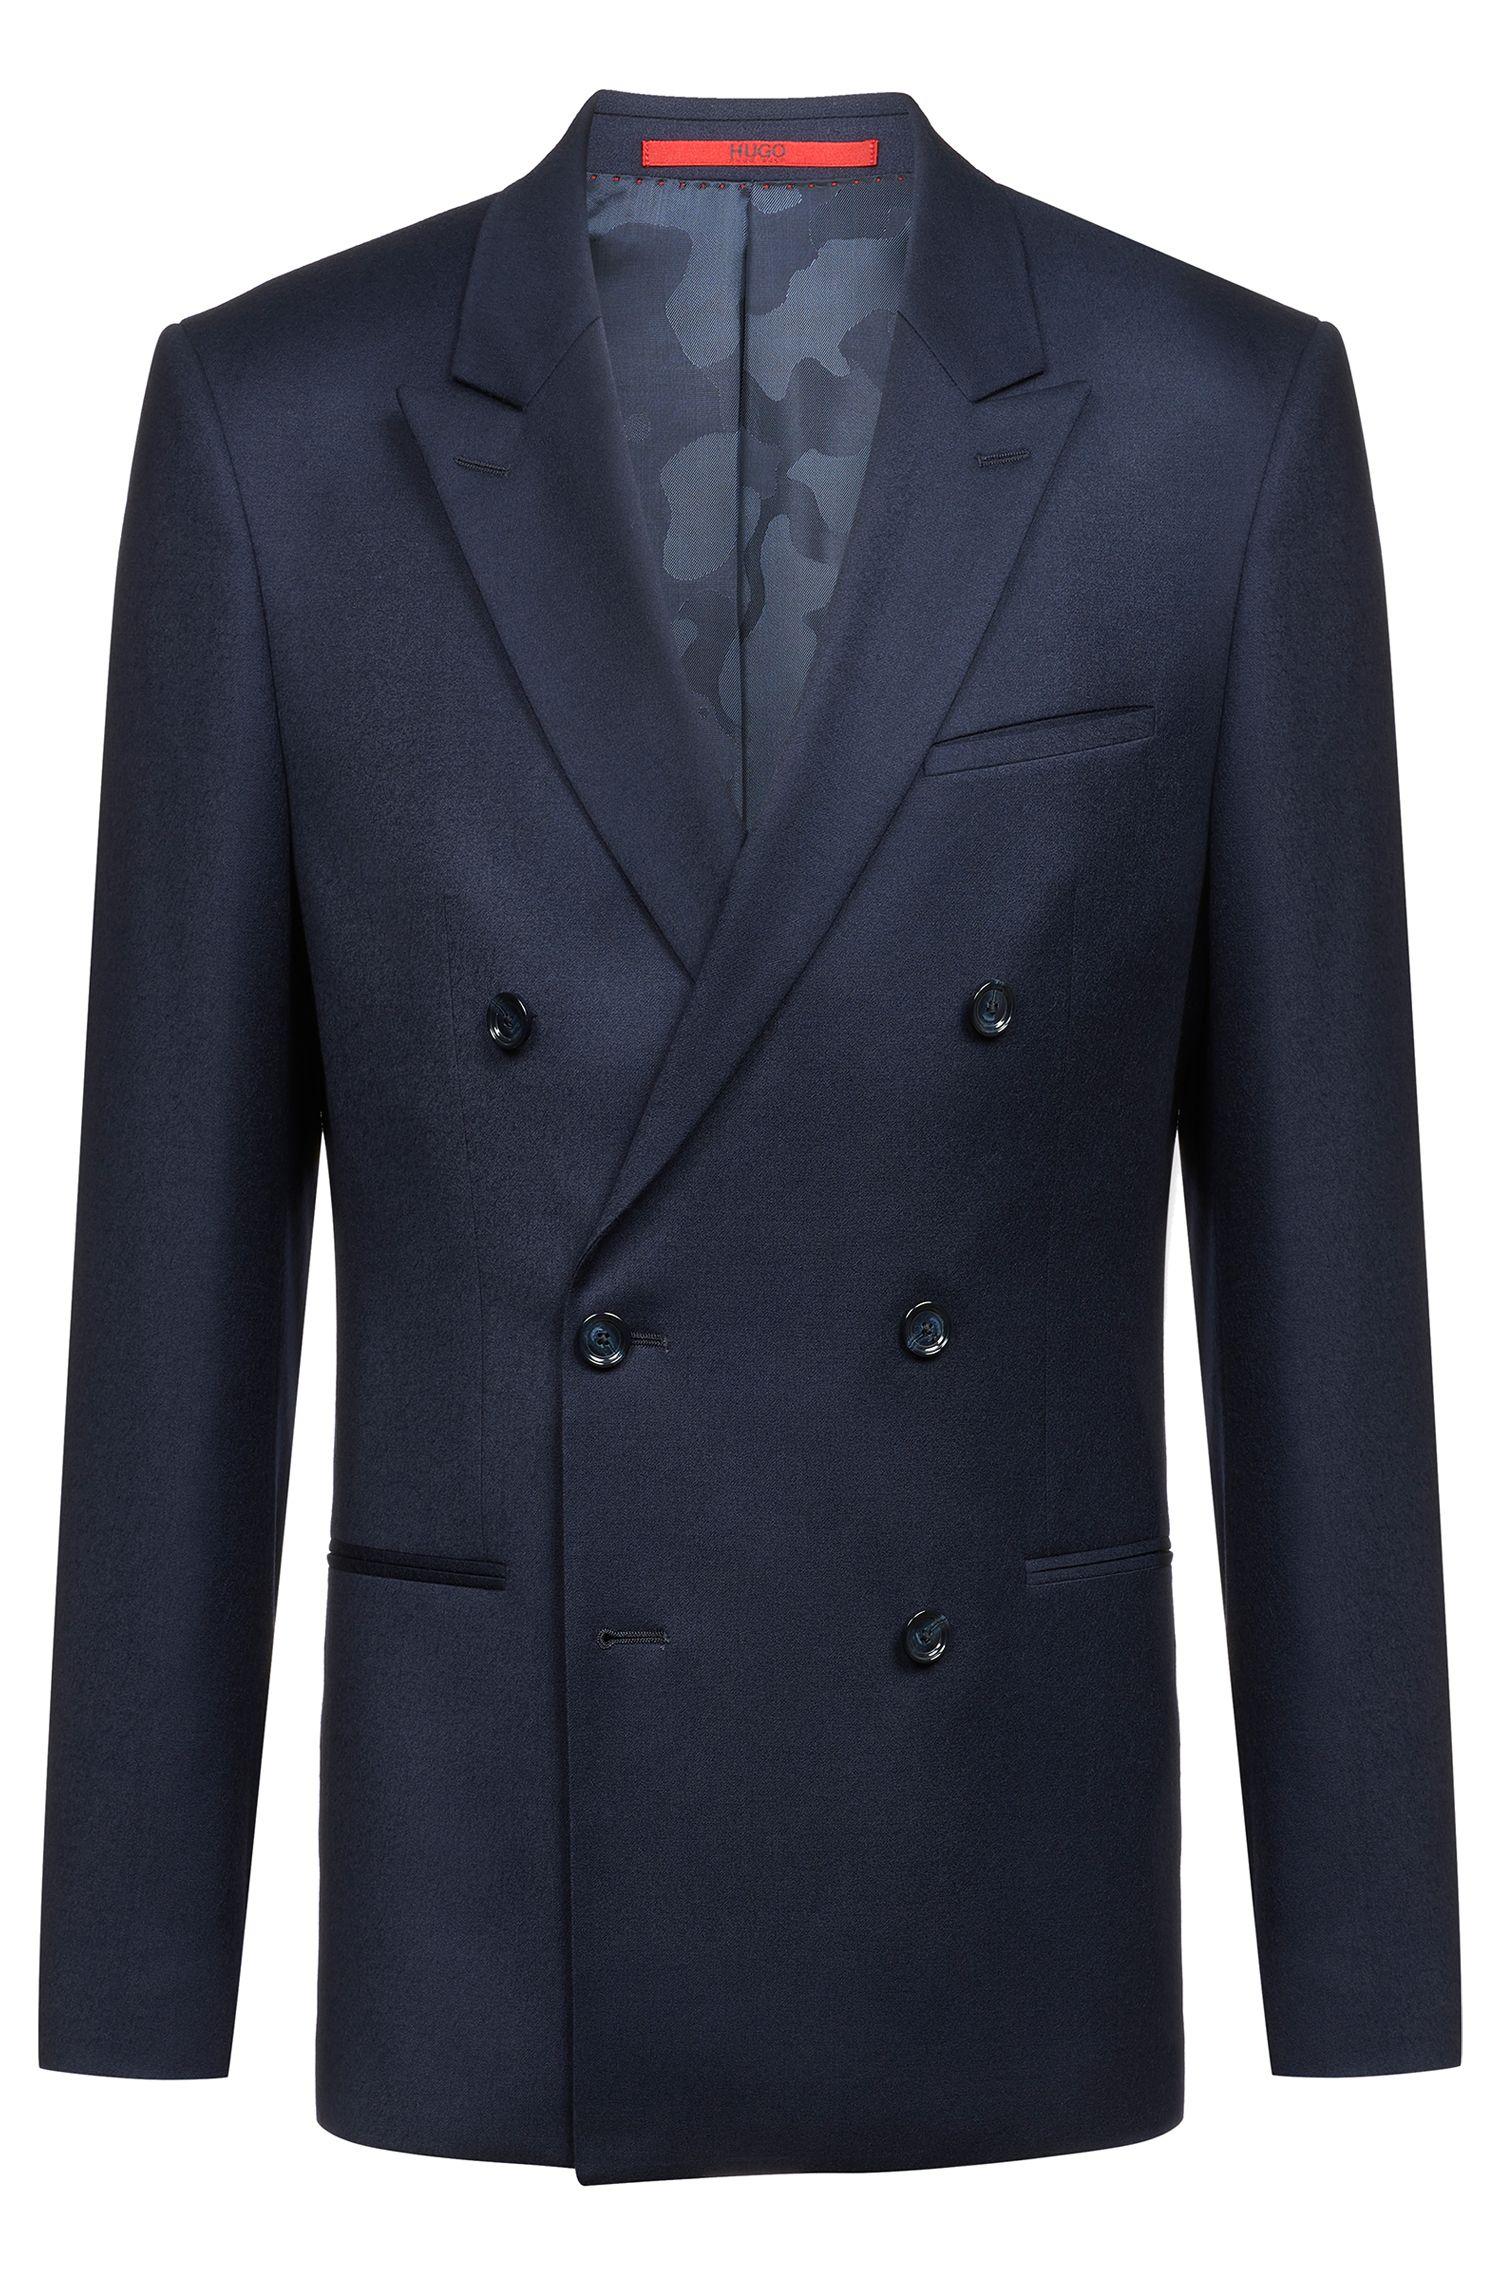 Chaqueta cruzada slim fit en lana virgen elástica, Azul oscuro